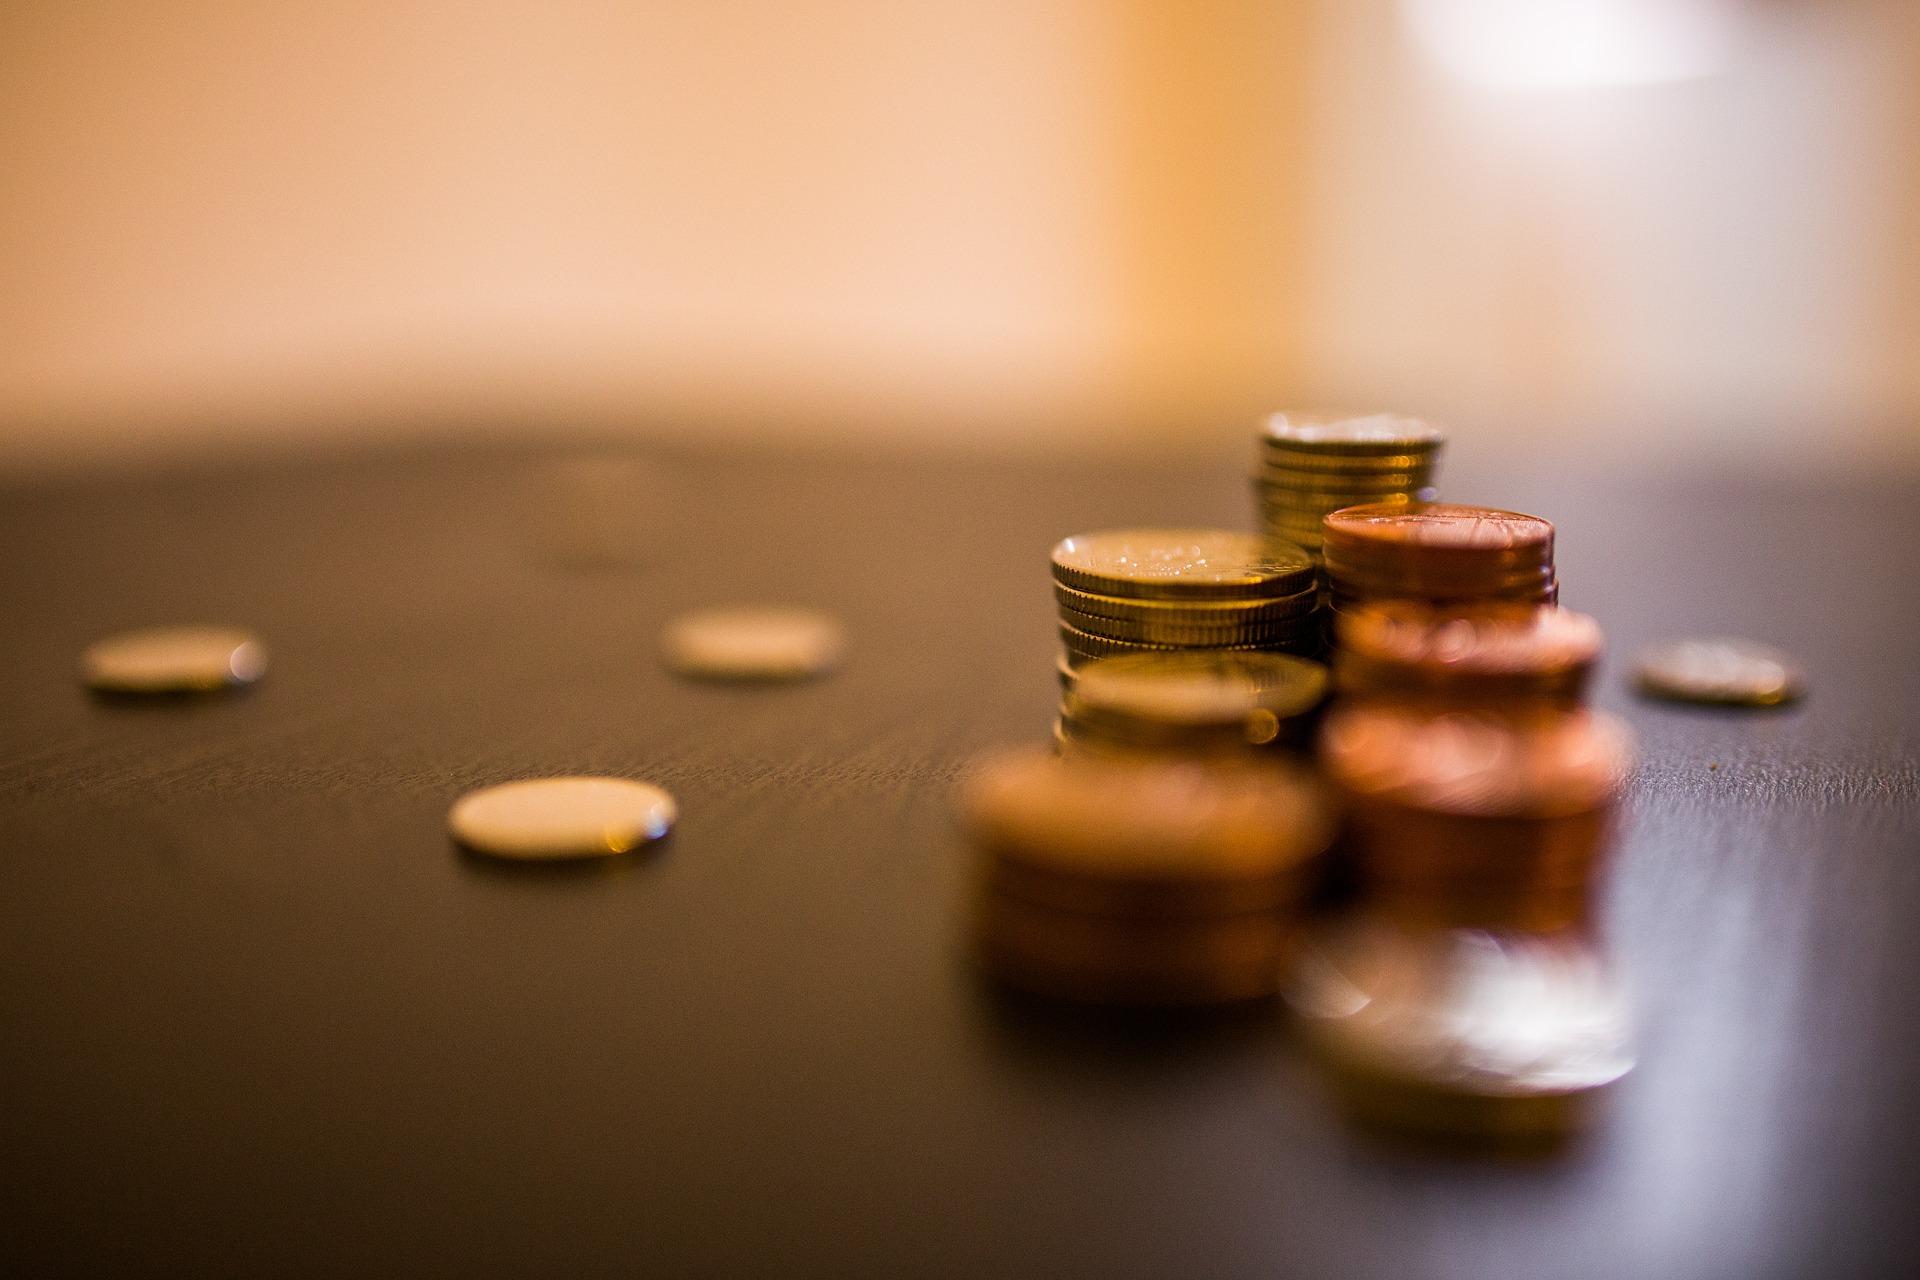 jak odzyskać pieniądze z polisolokaty (UFK)